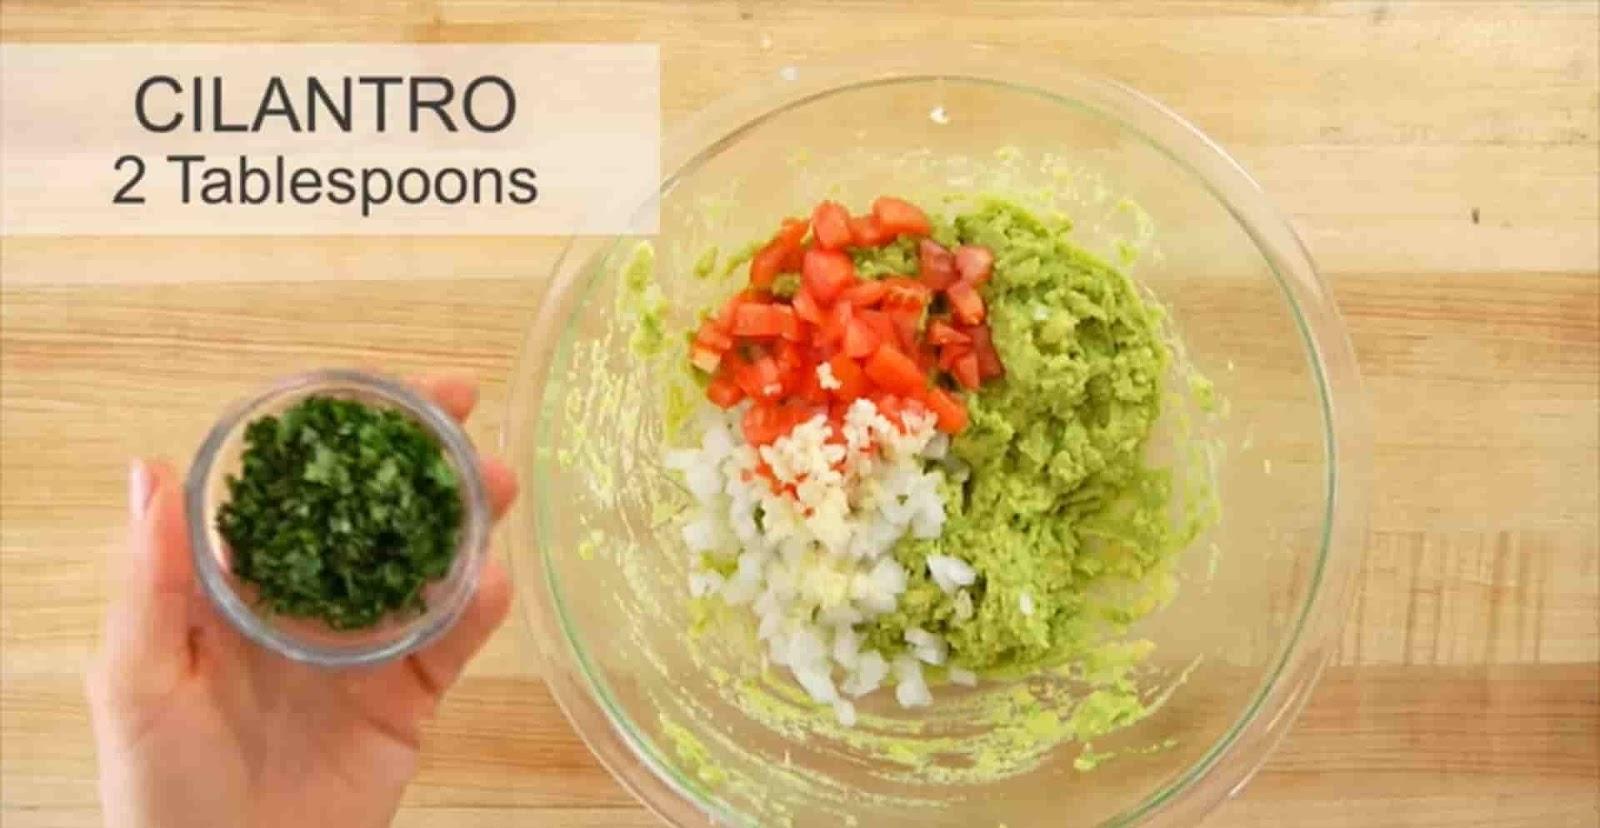 cilantro-2-tablespoons-in-mashed-avocado